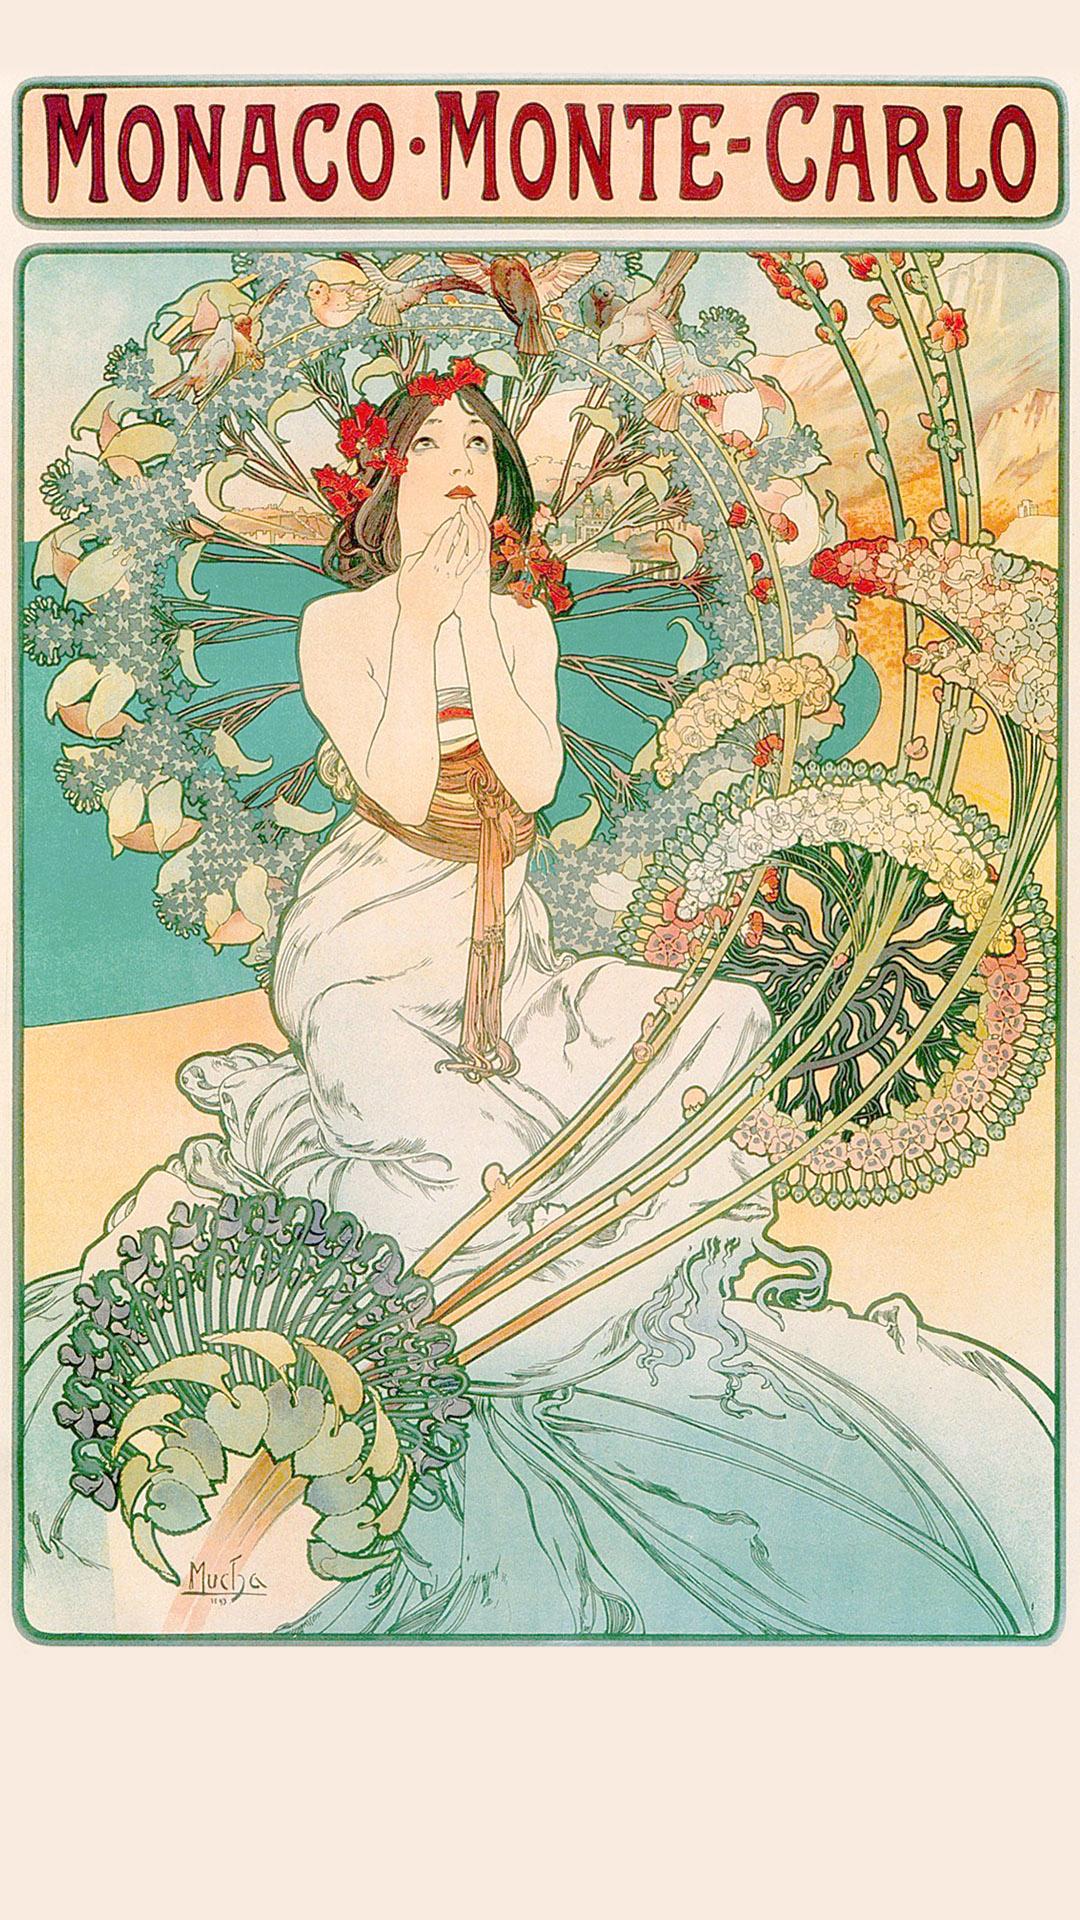 ミュシャ Alfons Mucha – MONACO MONTE CARLO 1080x1920